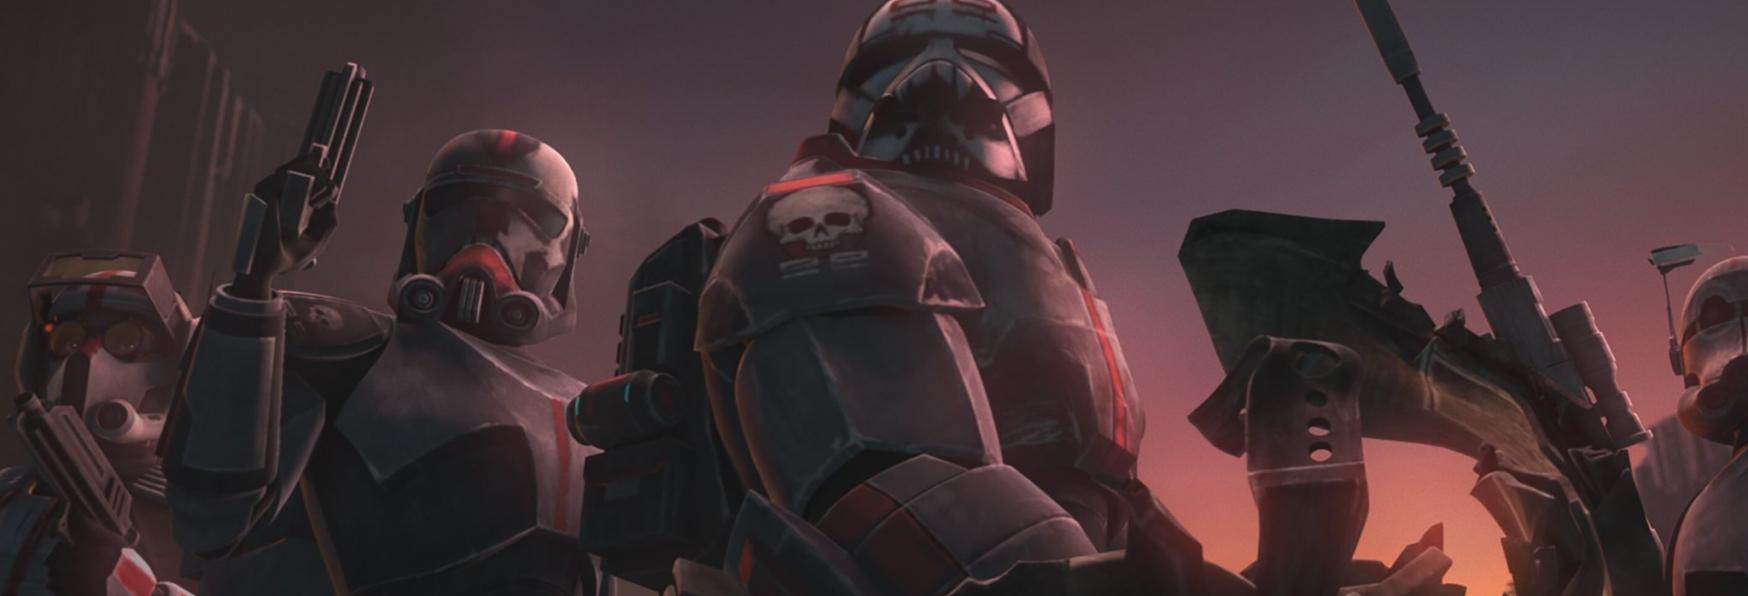 Star Wars: The Bad Batch - Il Nuovo Teaser Trailer della Serie TV Animata